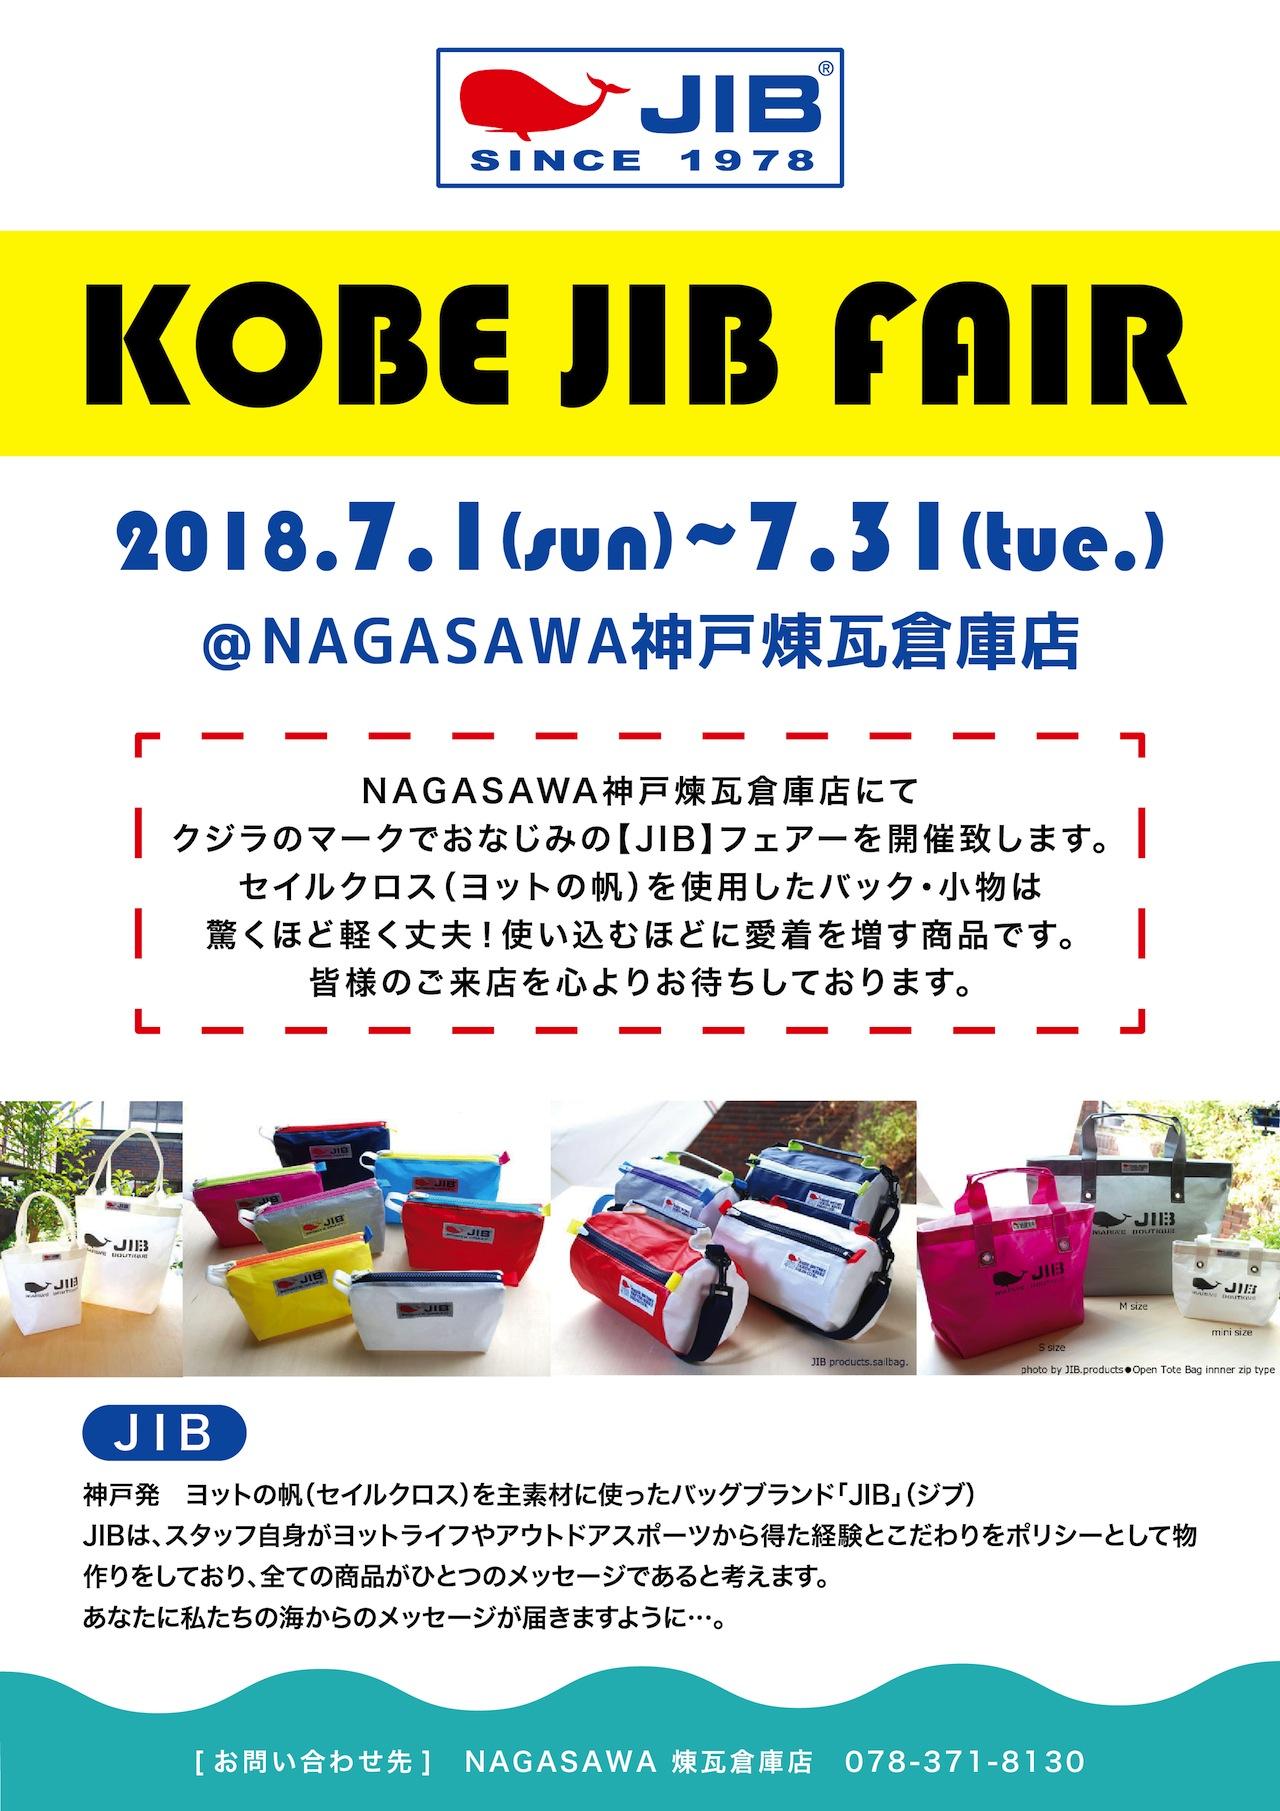 【神戸煉瓦倉庫店】クジラのマークでおなじみの KOBE JIB FAIR 開催